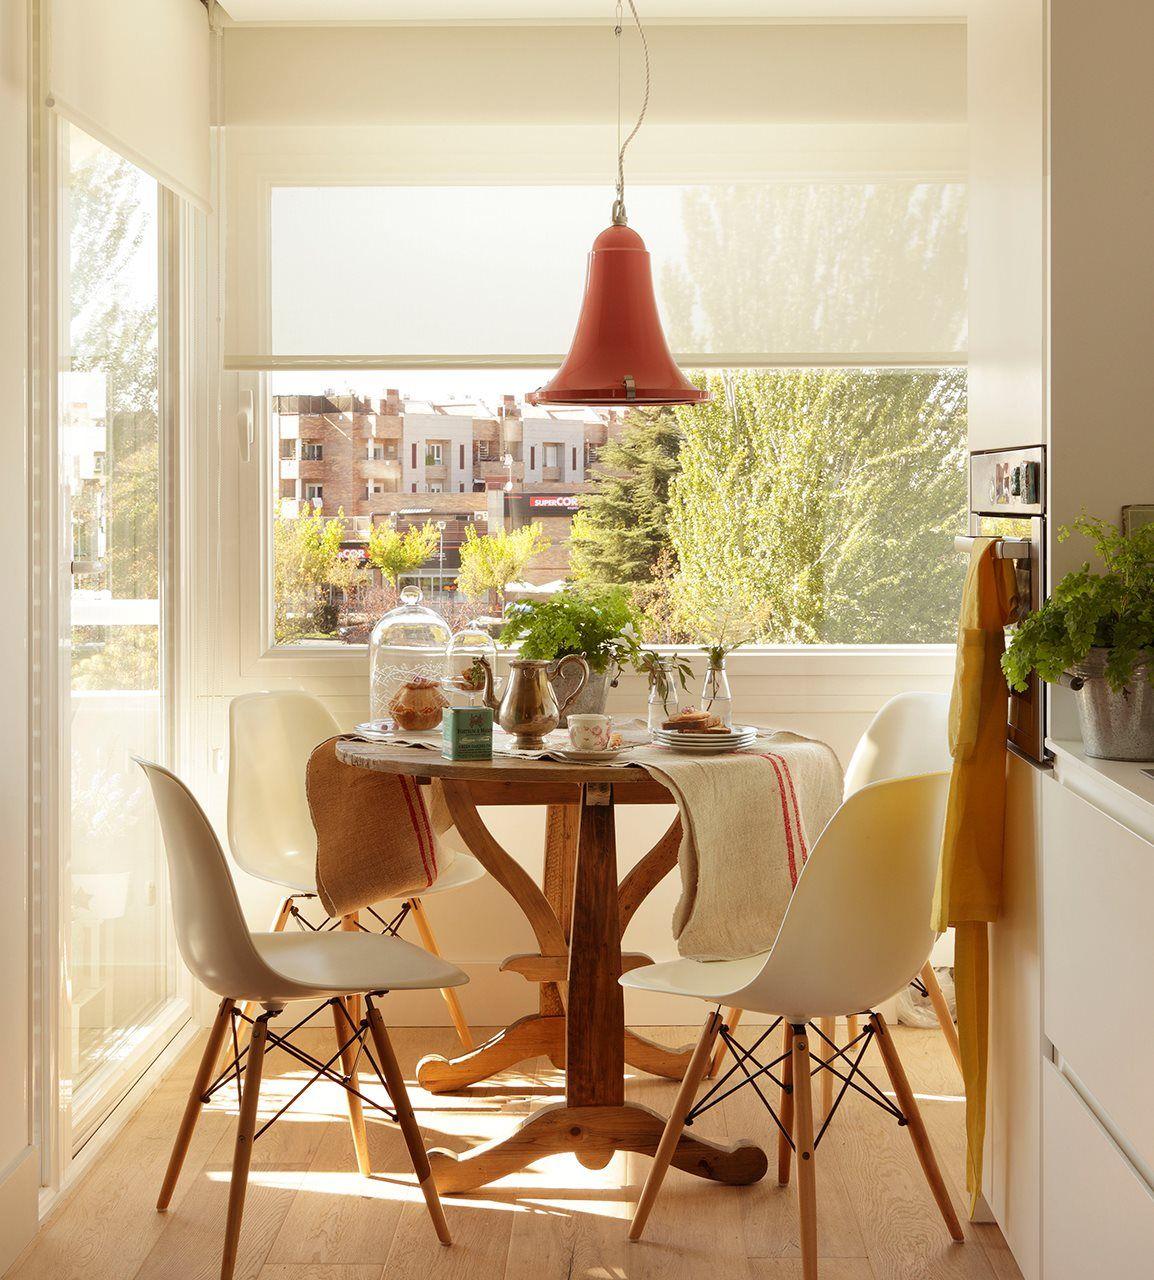 Cómo aprovechar el espacio en cocinas pequeñas | Detalles hogar ...